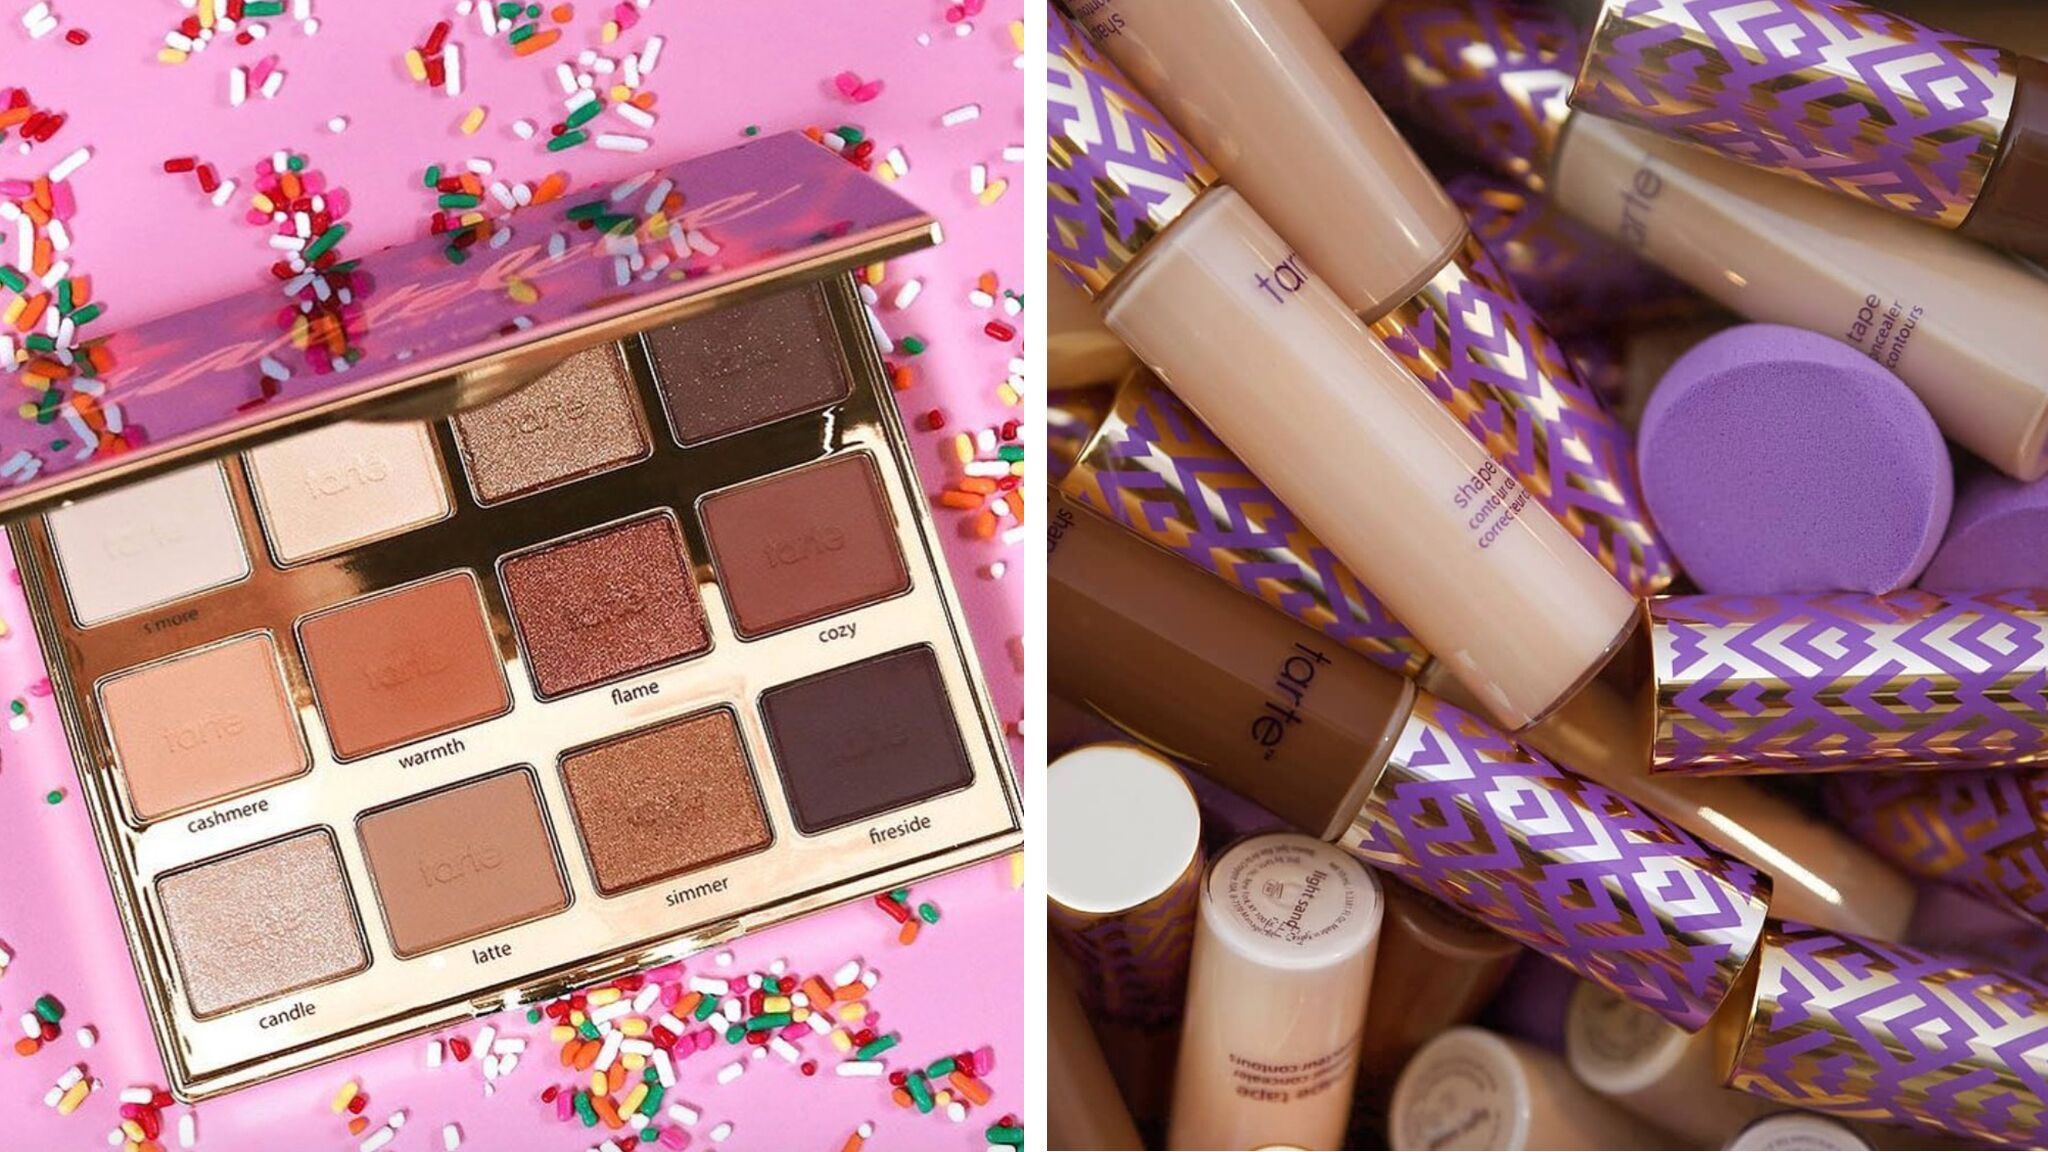 Tarte Cosmetics débarque enfin en France – quels sont les produits à acheter en priorité ? - Voici